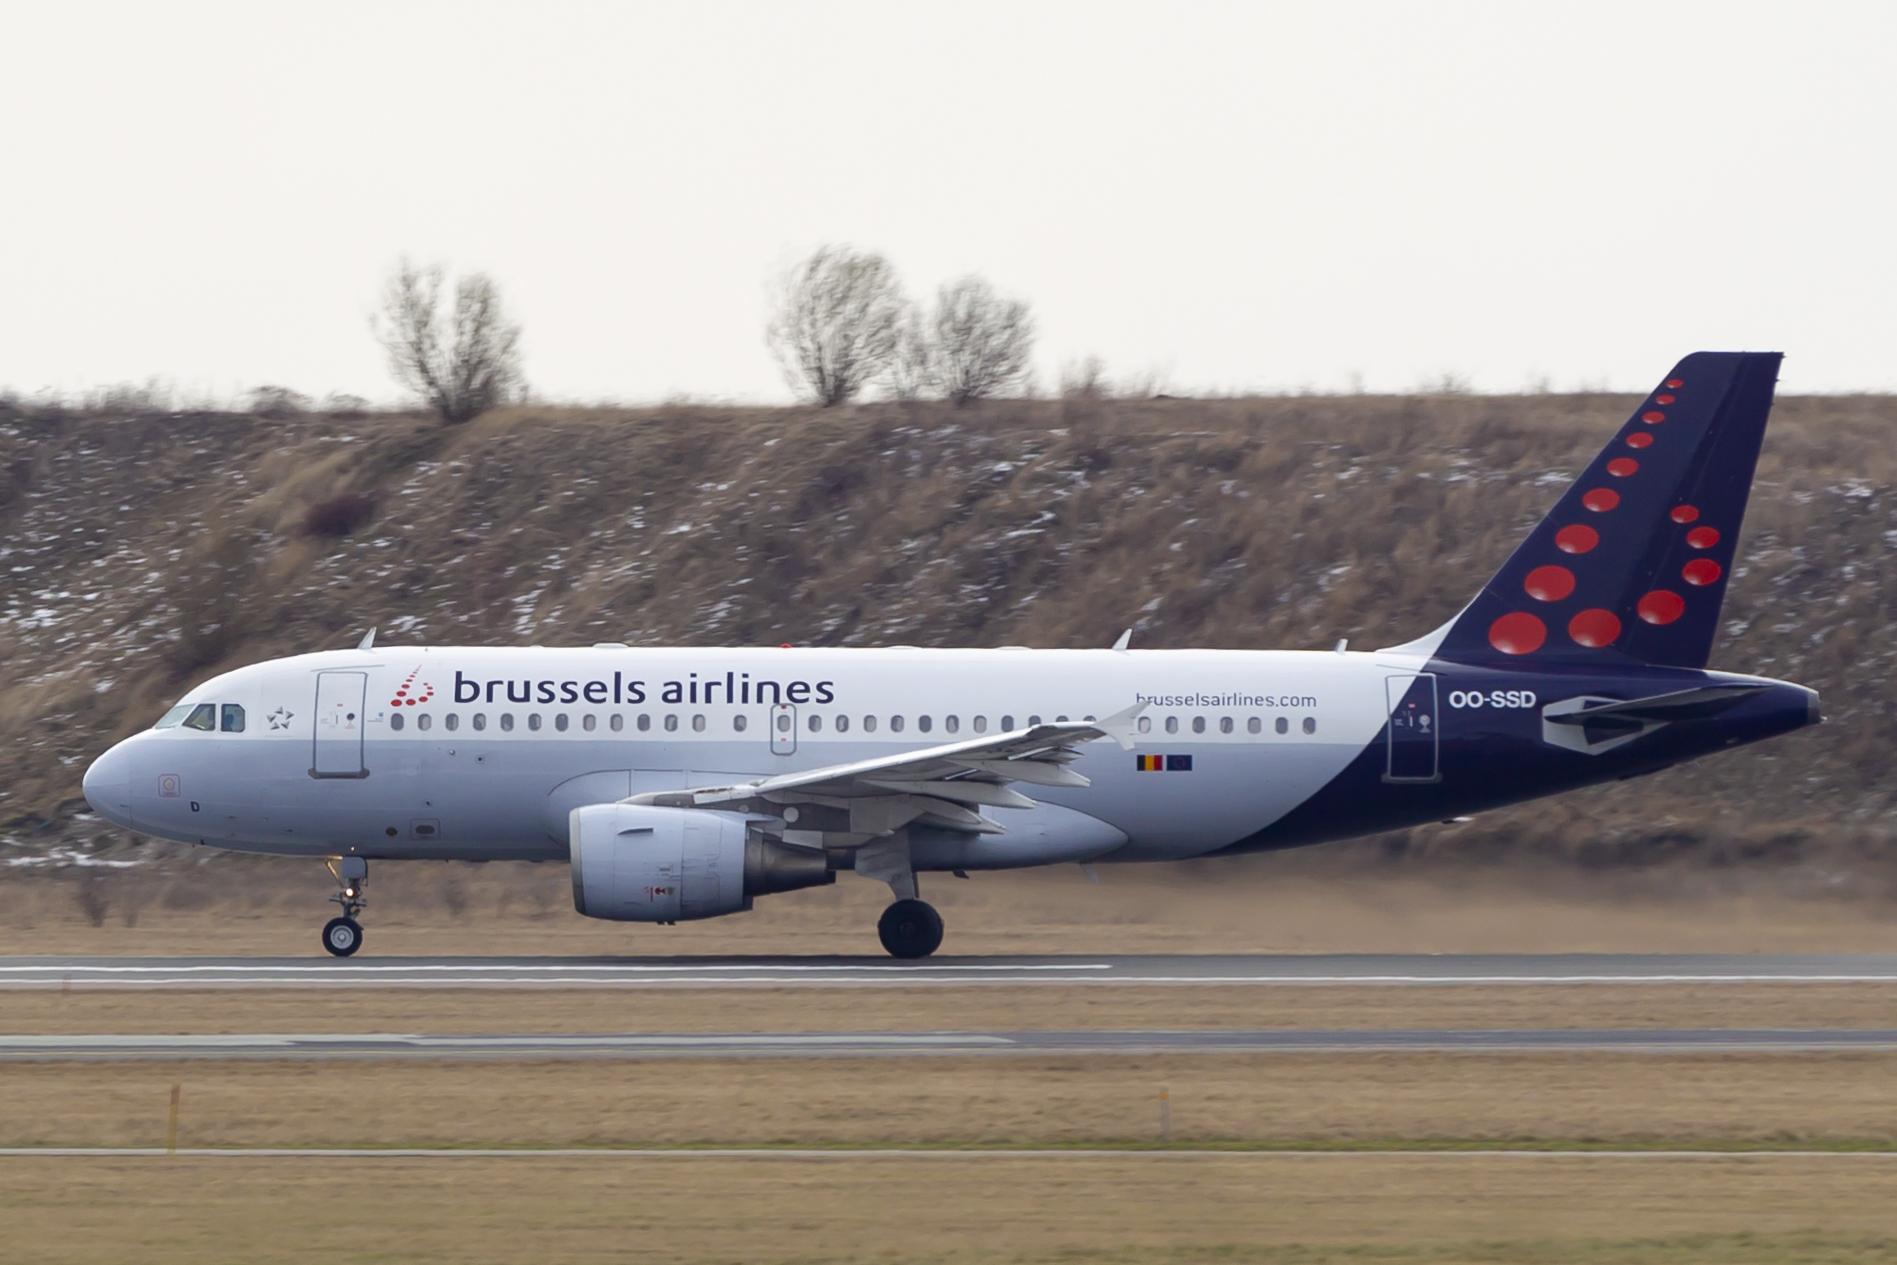 En Airbus A319-100 fra Brussels Airlines. (Foto: © Thorbjørn Brunander Sund, Danish Aviation Photo)